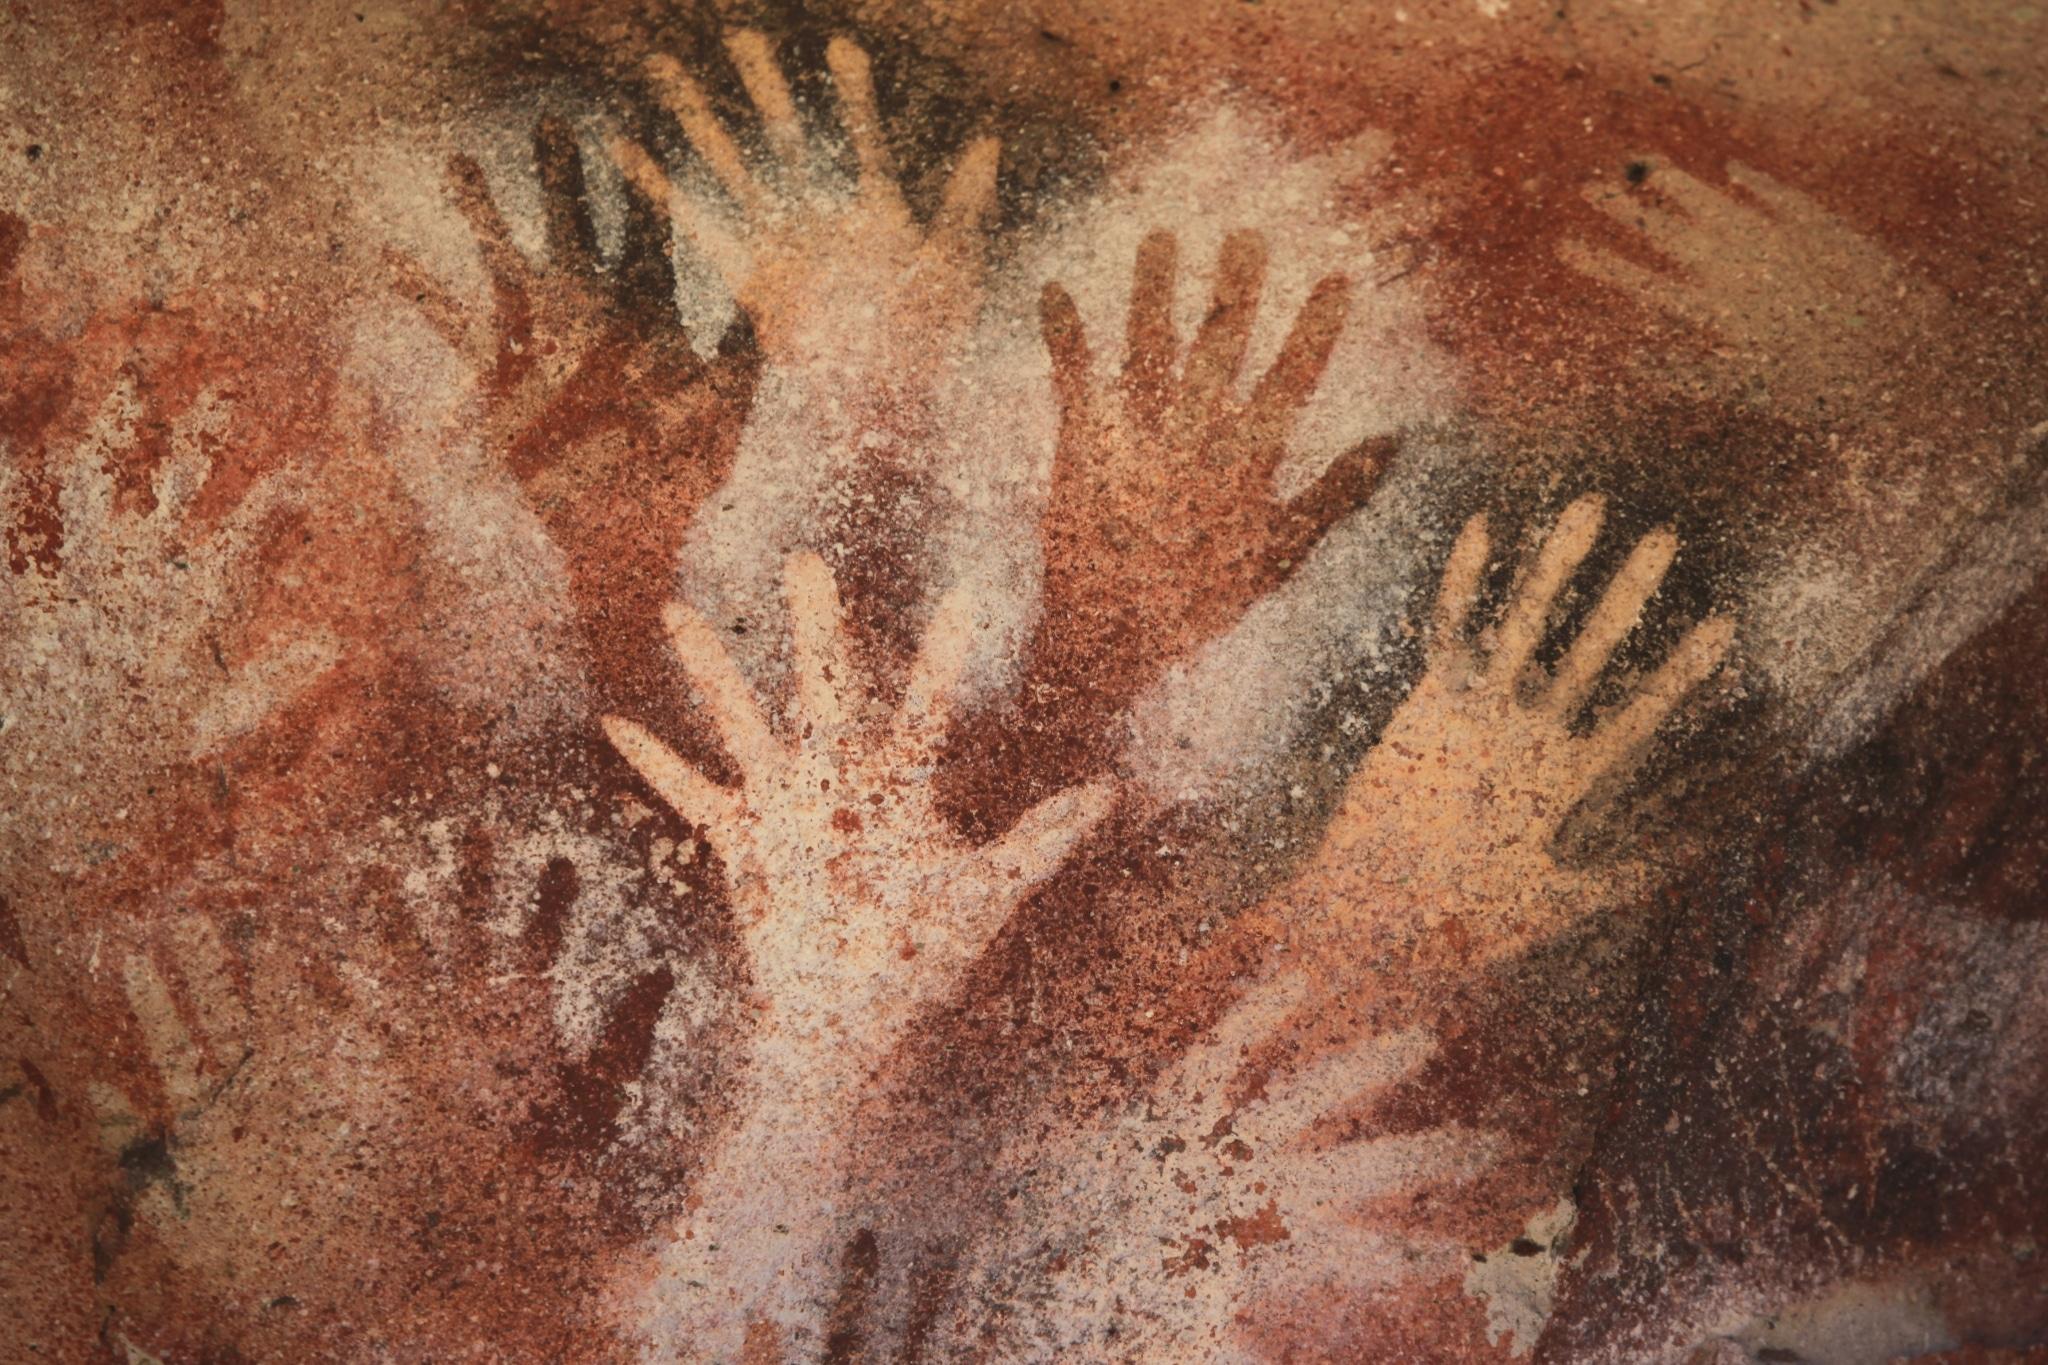 Aceramiento de las pinturas rupestres de manos en la Cueva de las Manos